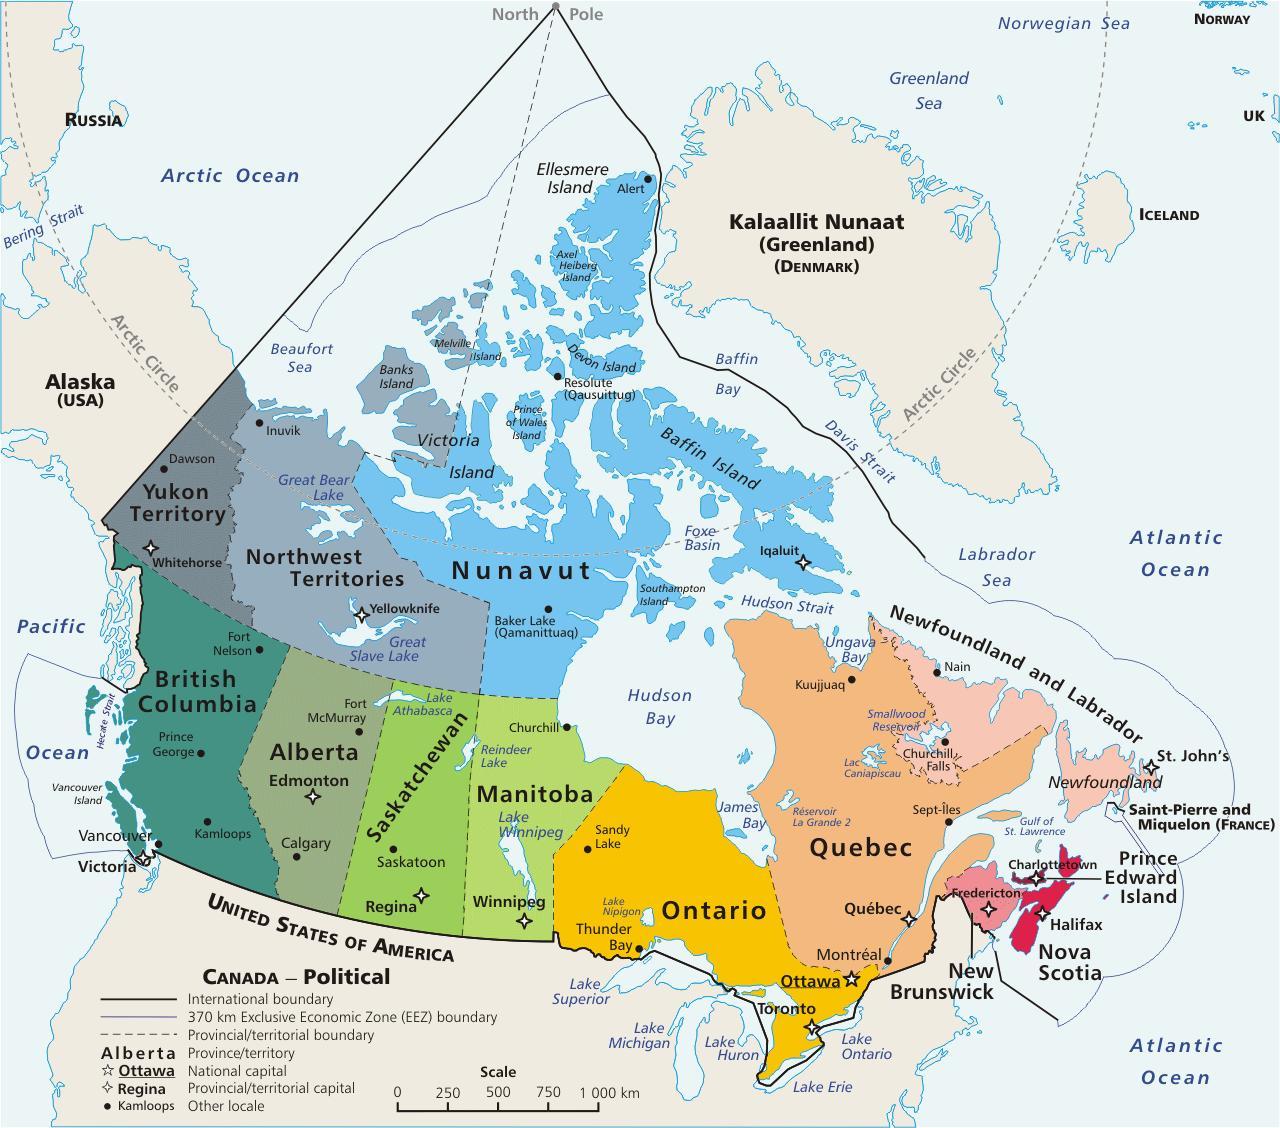 Koloreret Kort Over Canada Farvet Kort Over Canada Med Provinser